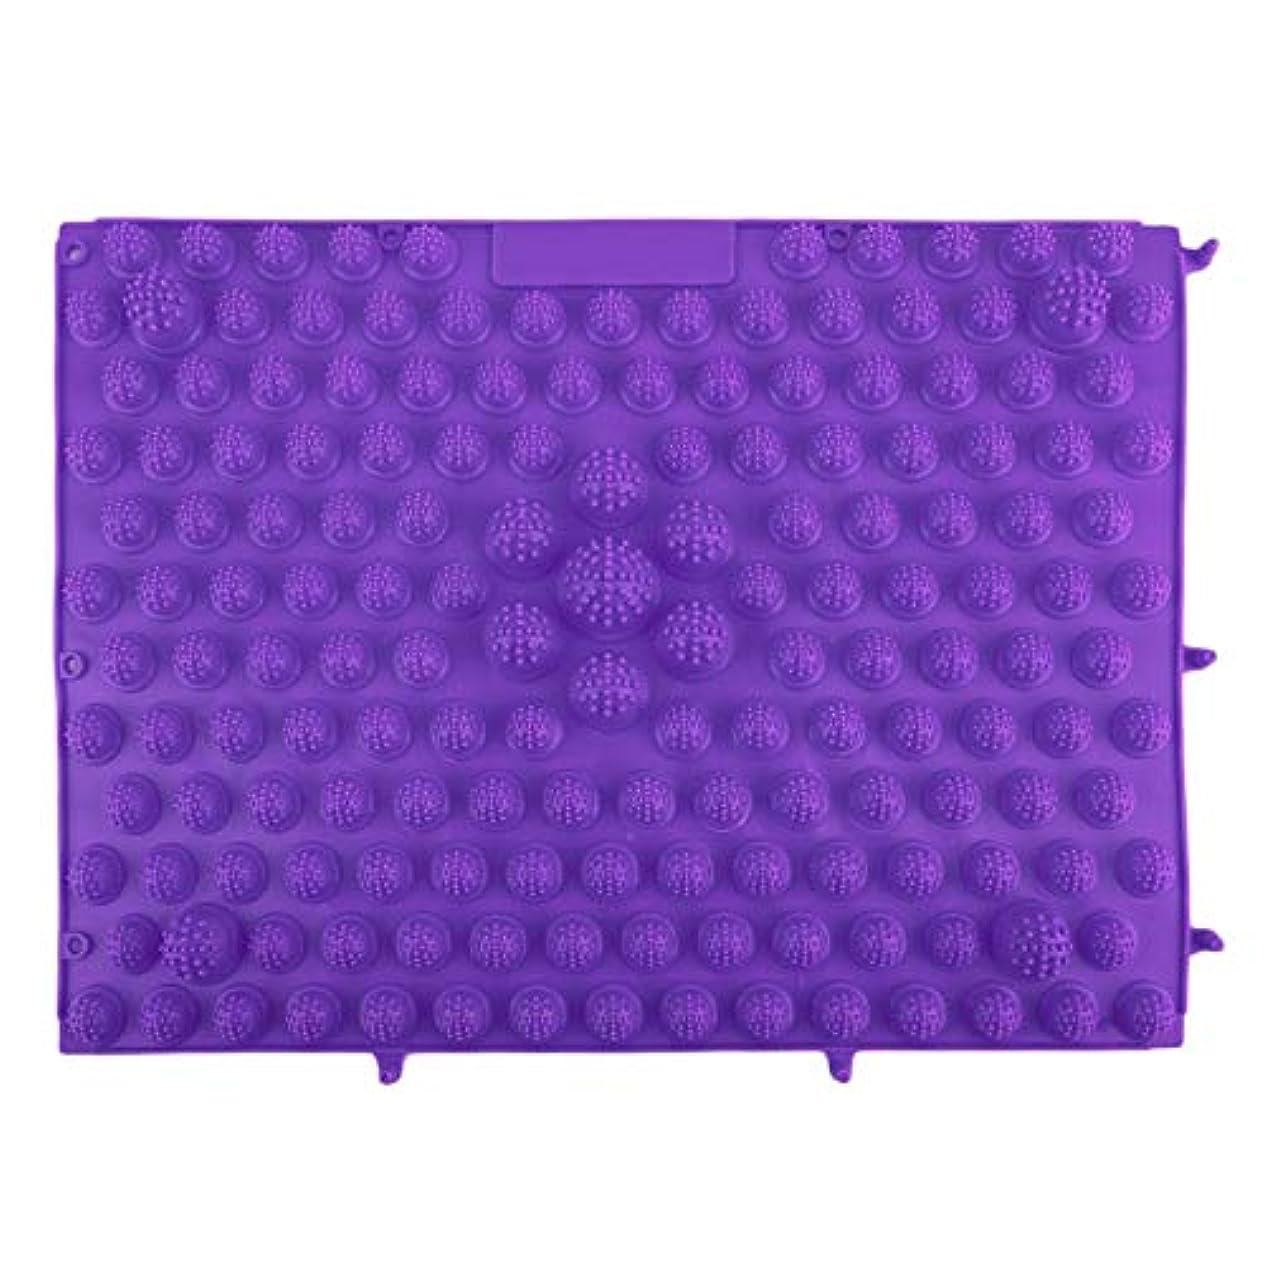 韓国風フットマッサージパッドTPEモダン指圧リフレクソロジーマット鍼灸敷物疲労緩和促進循環 - 紫色